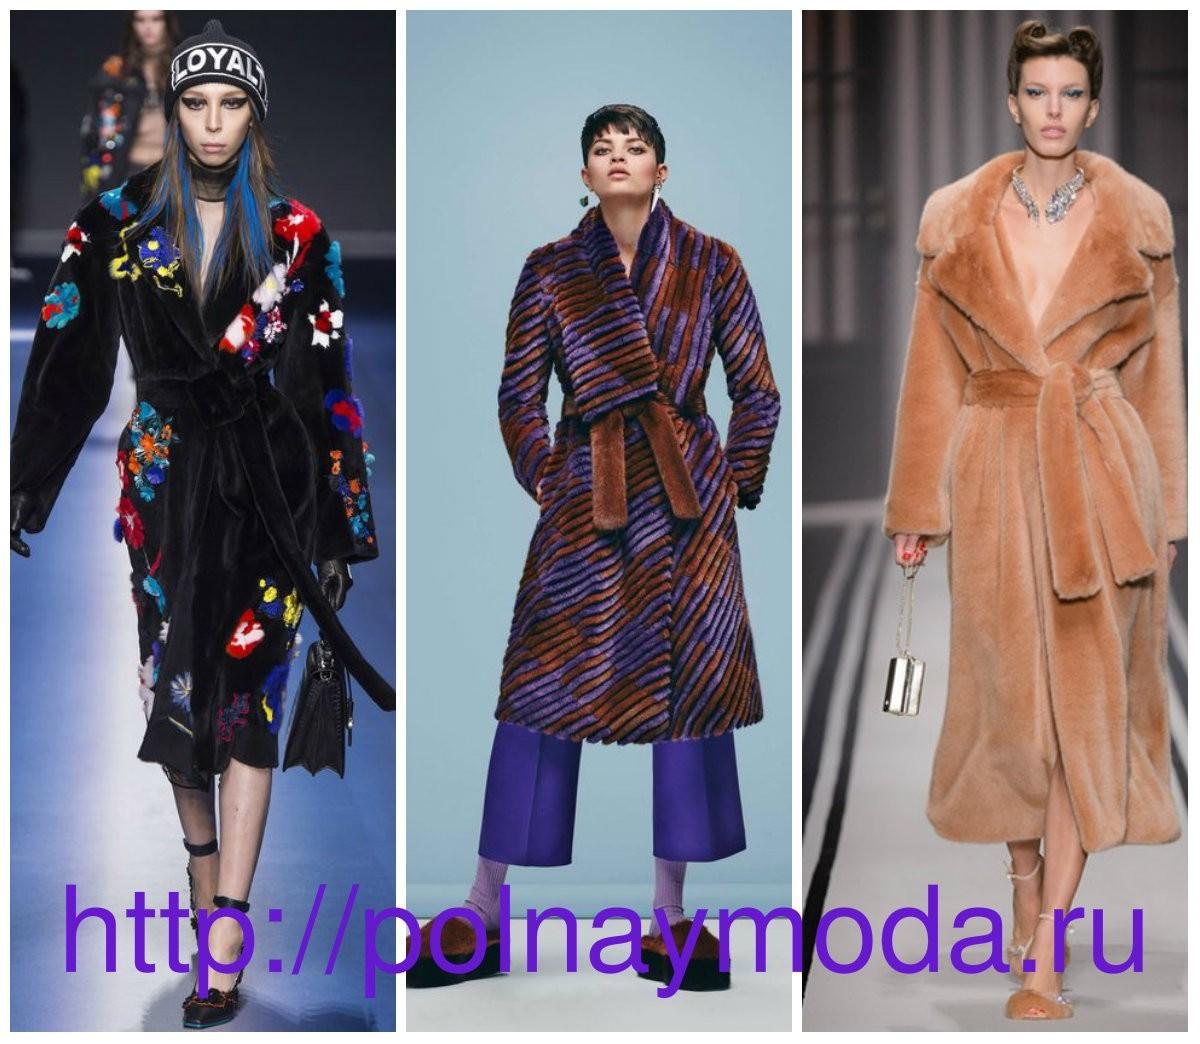 мода зима 2018, шуба-халат для женщины, цветной, оранжевый, пестрый халат-шуба, меховой халат с принтом.